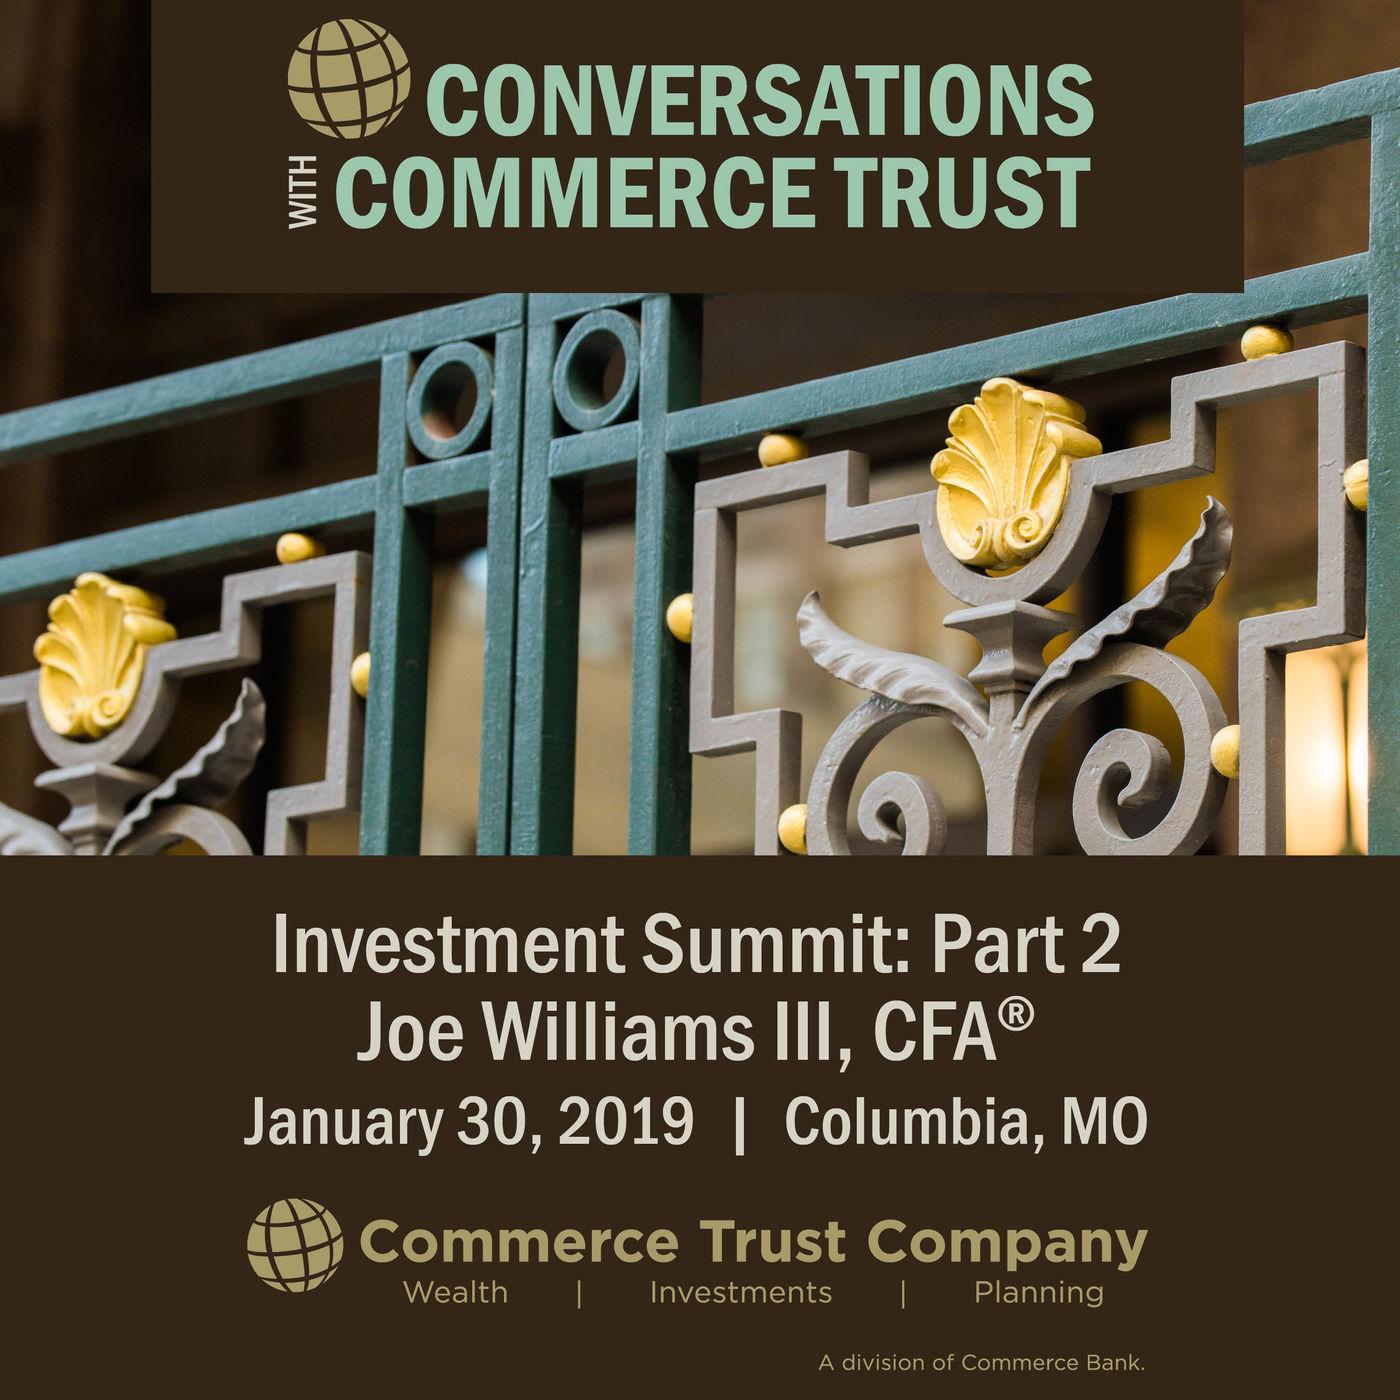 2019 Investment Summit - Joe Williams